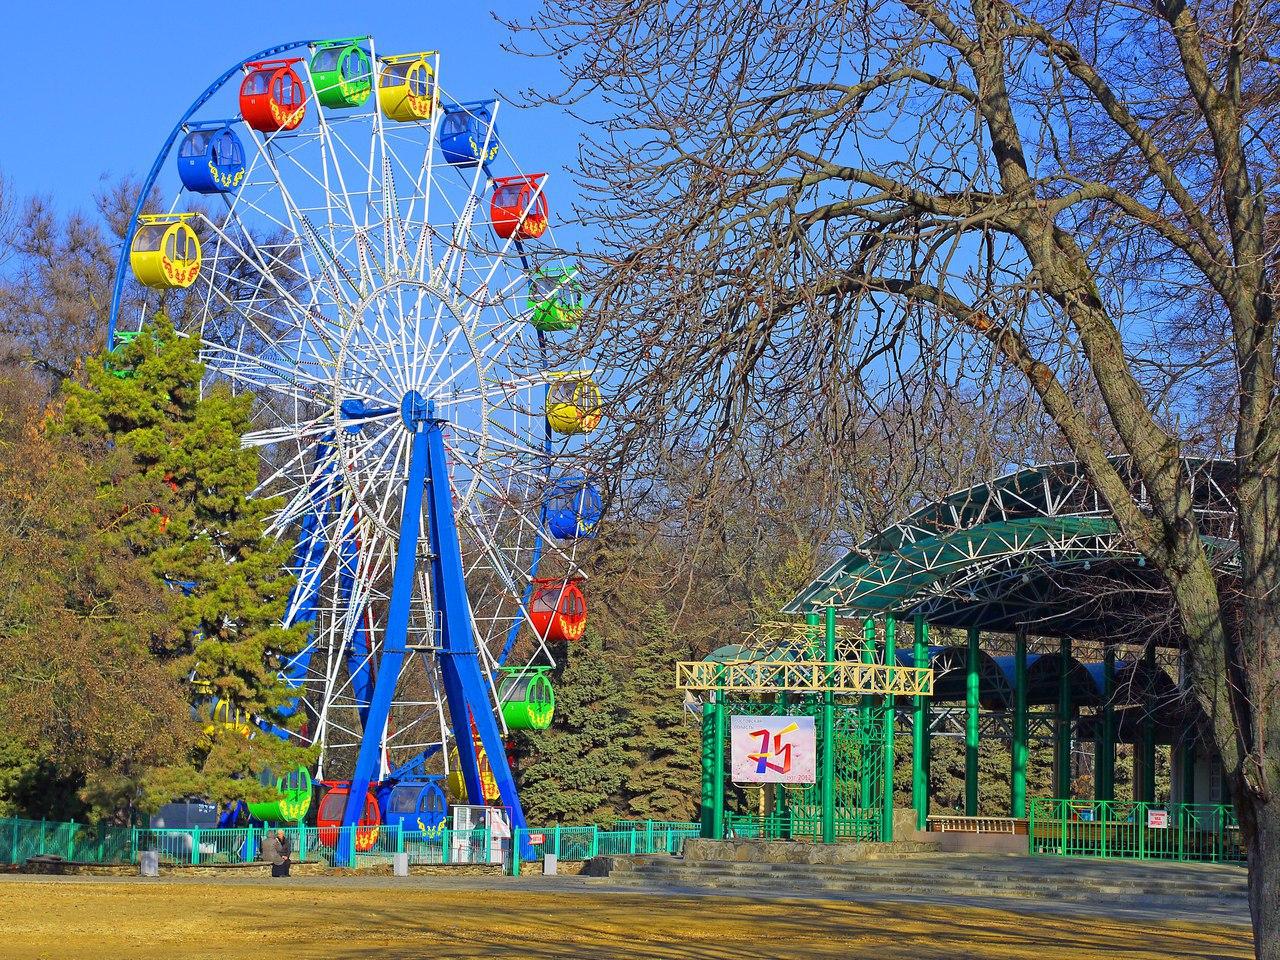 Анонс мероприятий в парке имени Горького в городе Таганроге к 1 мая 2017 года